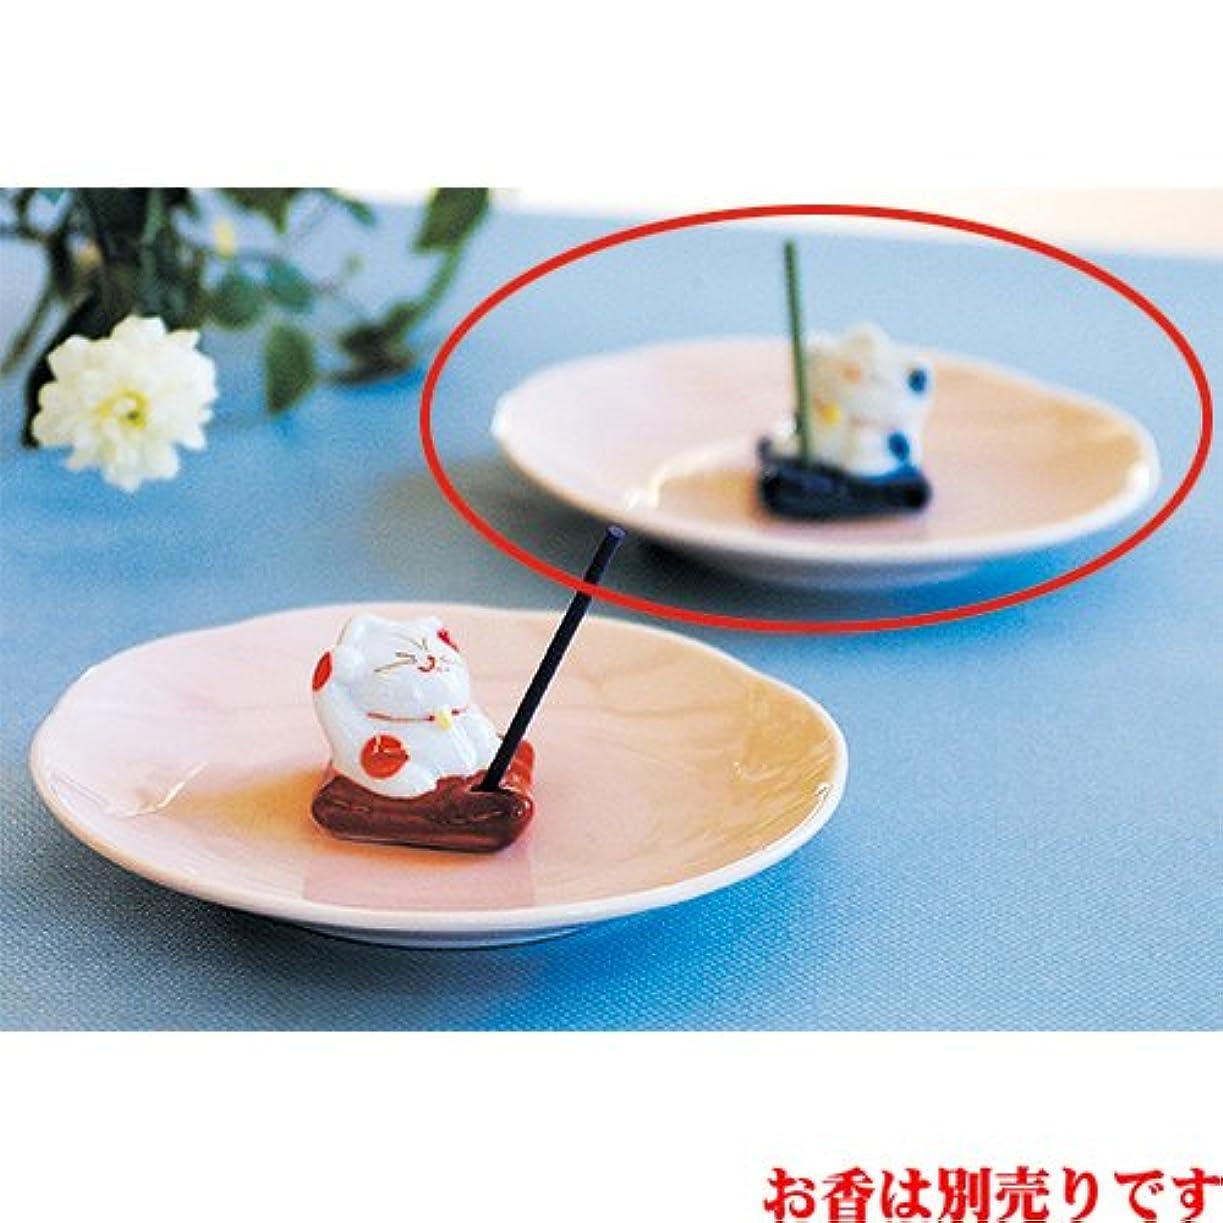 真似るグローバル後悔香皿 ザブトンネコ 香皿 ブルー [R12.5xH4cm] プレゼント ギフト 和食器 かわいい インテリア